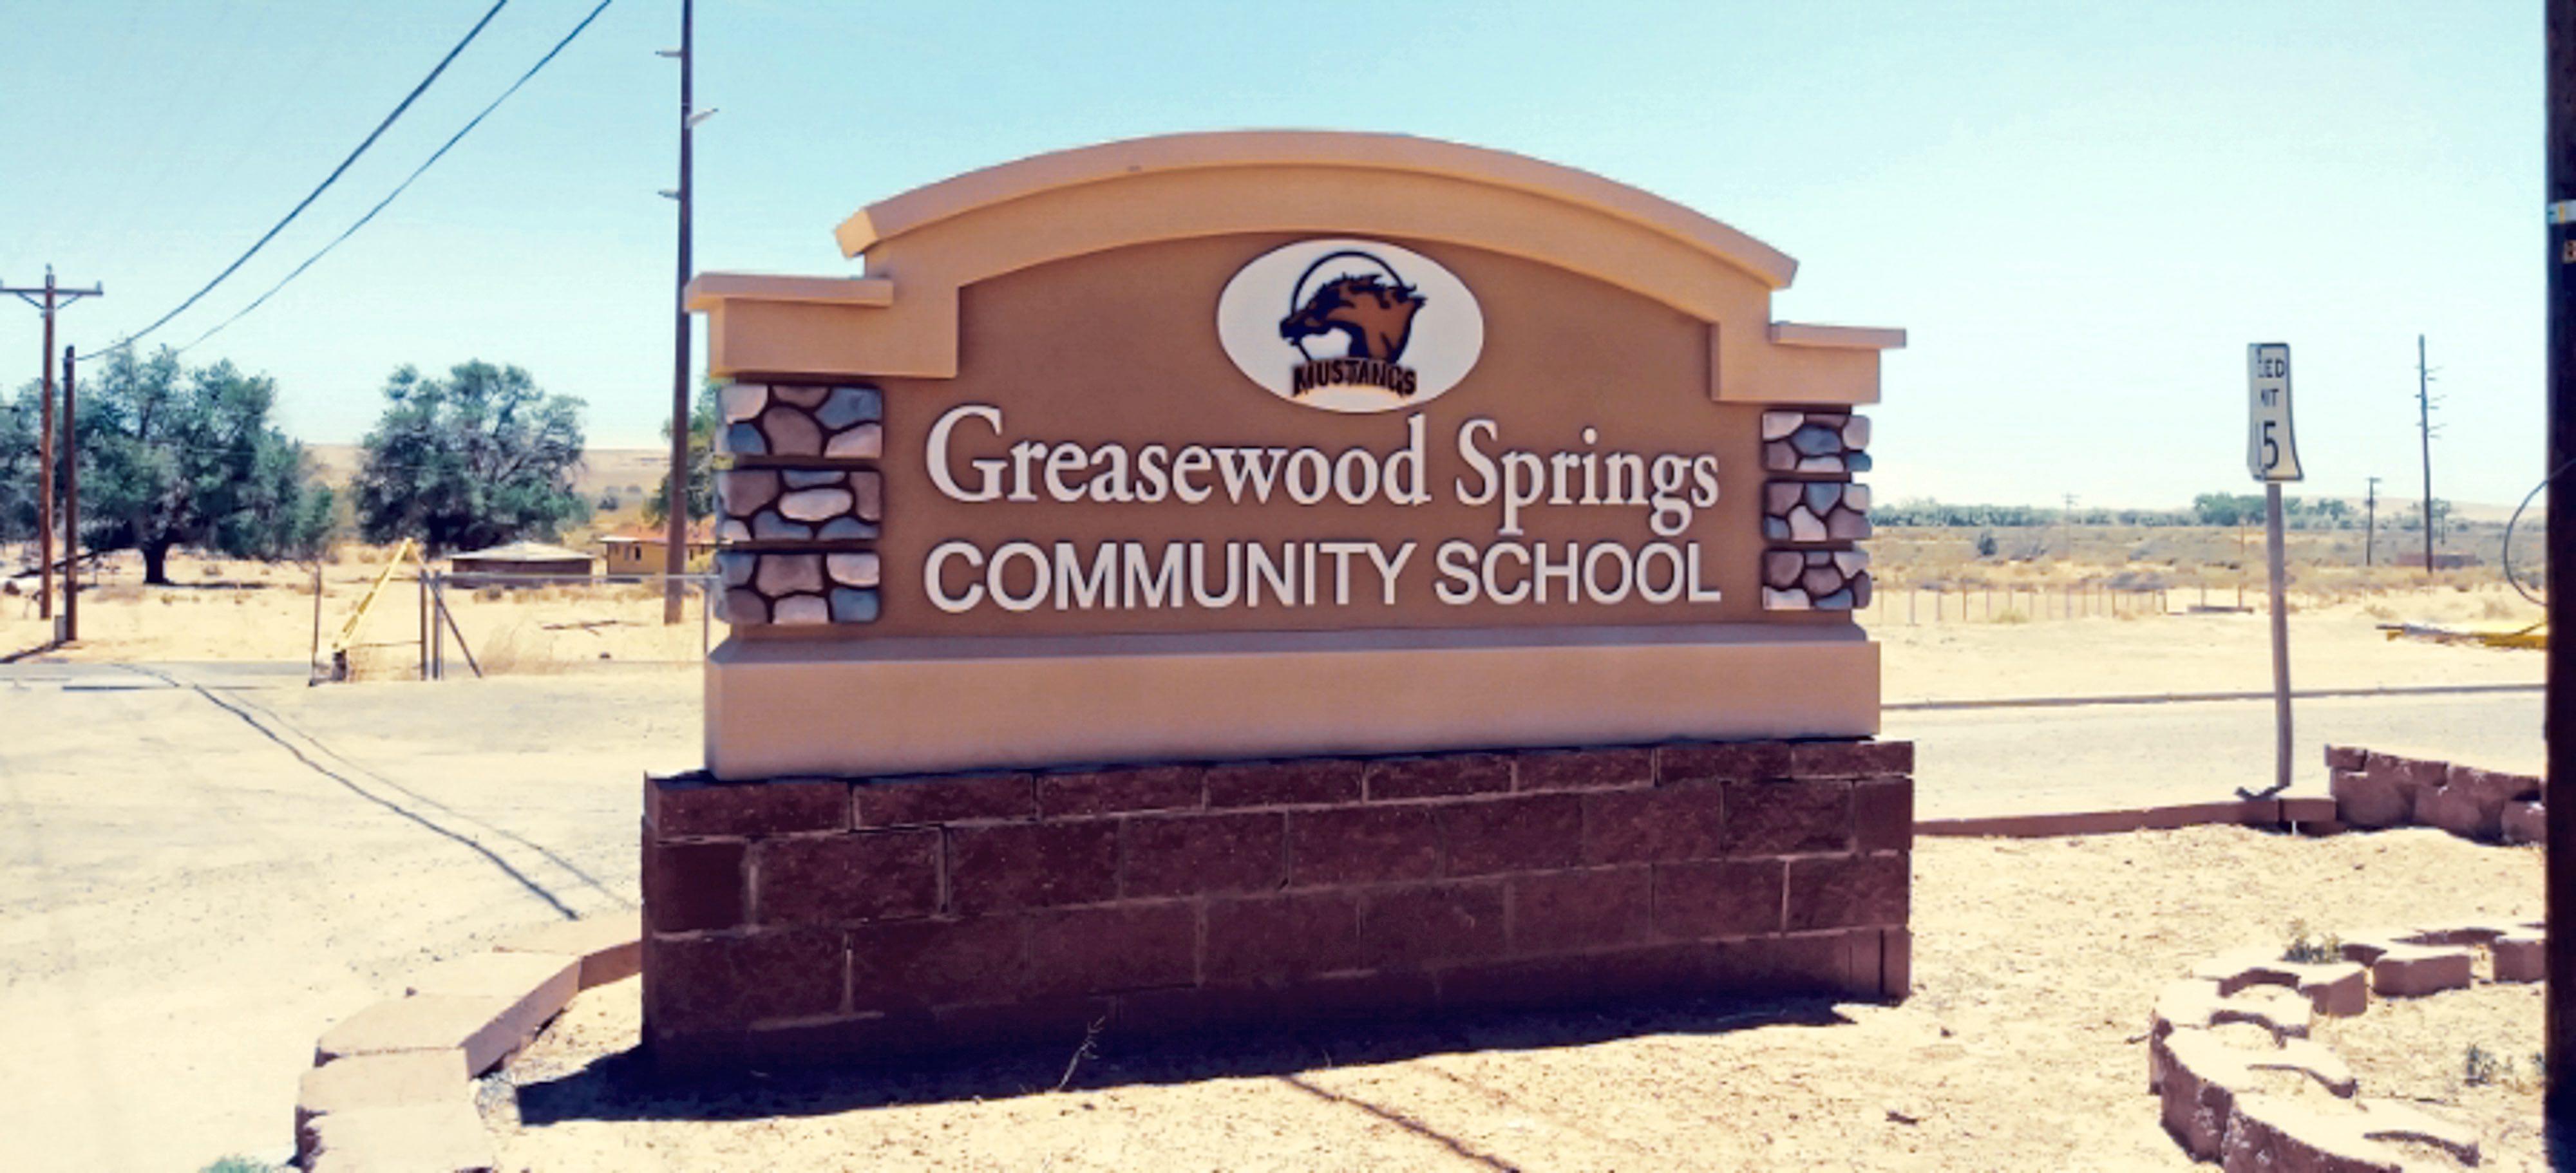 Greasewood Springs Community School